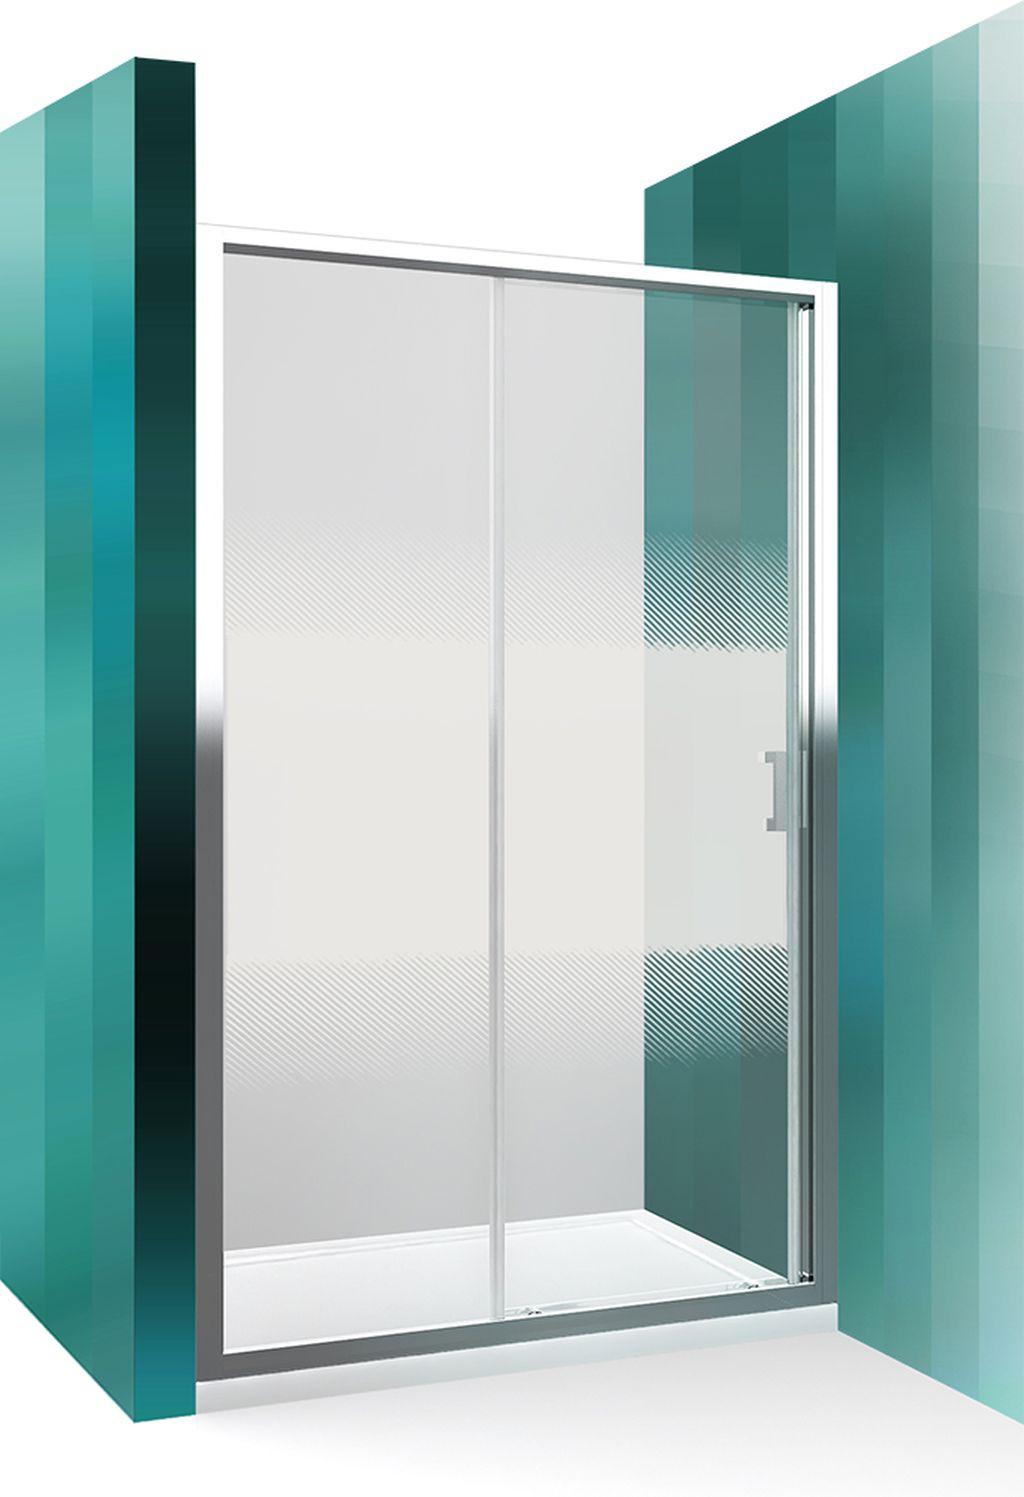 ROLTECHNIK Sprchové dveře posuvné pro instalaci do niky LLD2/1000 brillant/intimglass 556-1000000-00-21